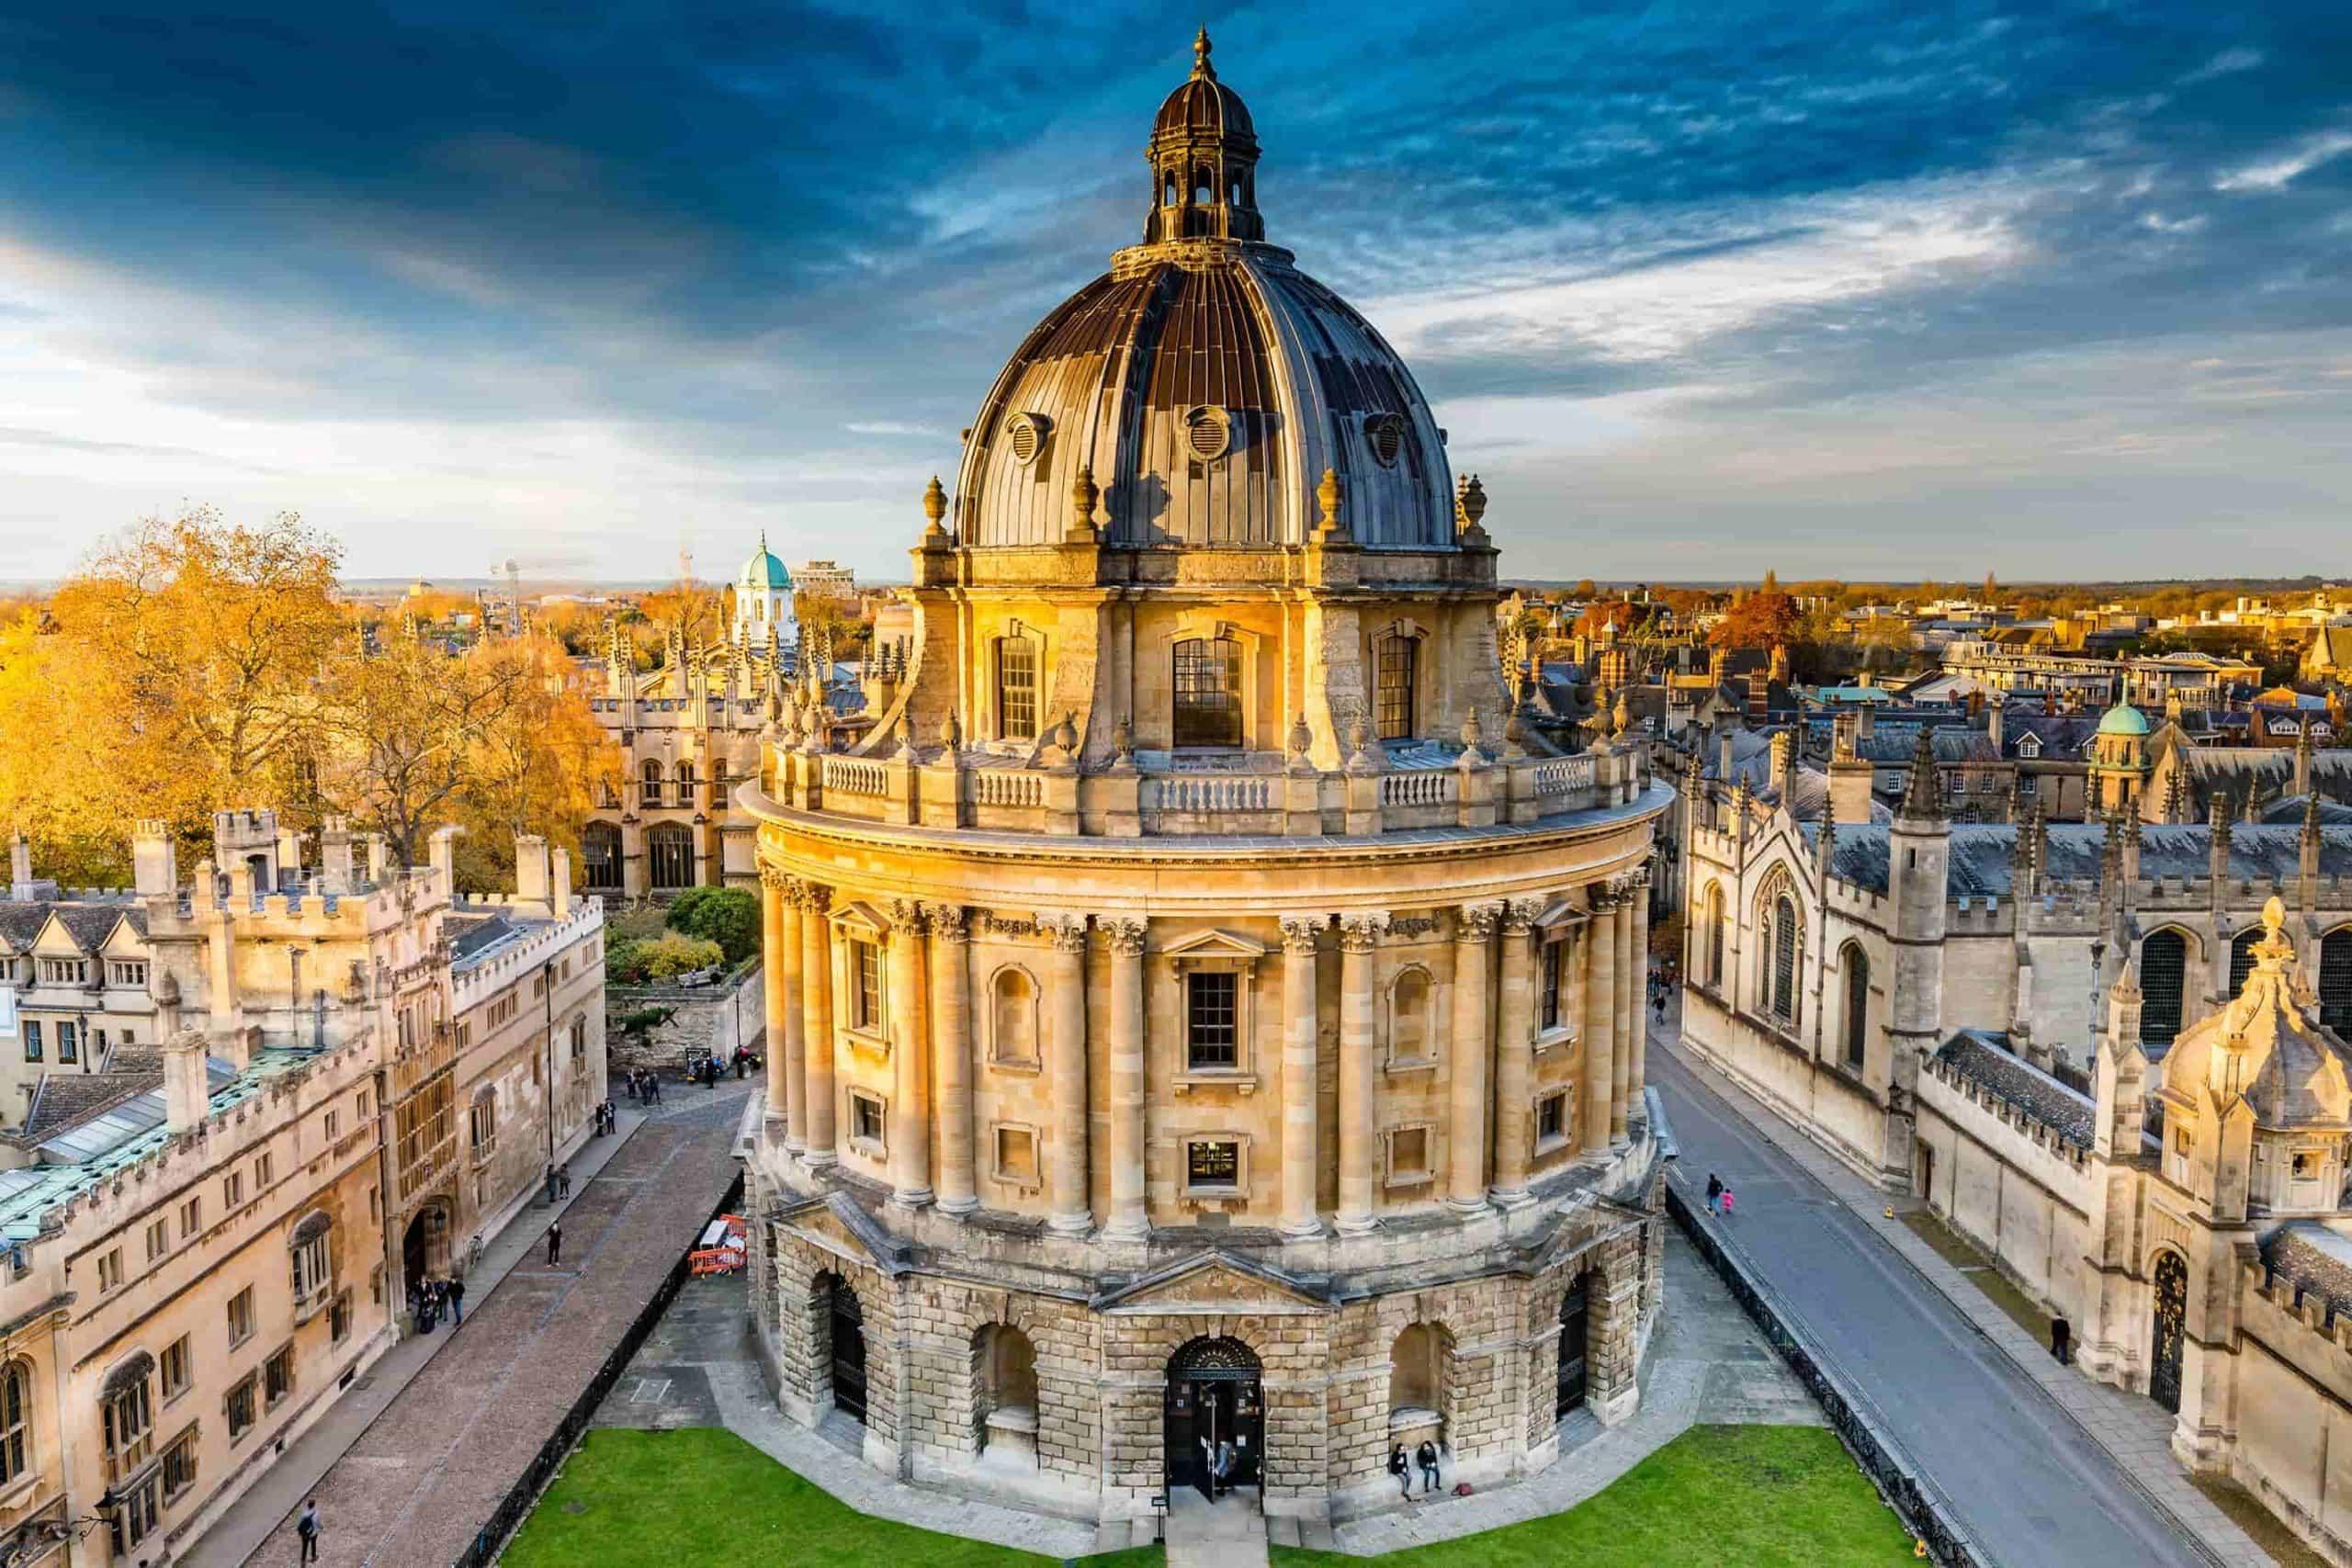 Đại học Oxford danh tiếng. Ảnh: propertybooking